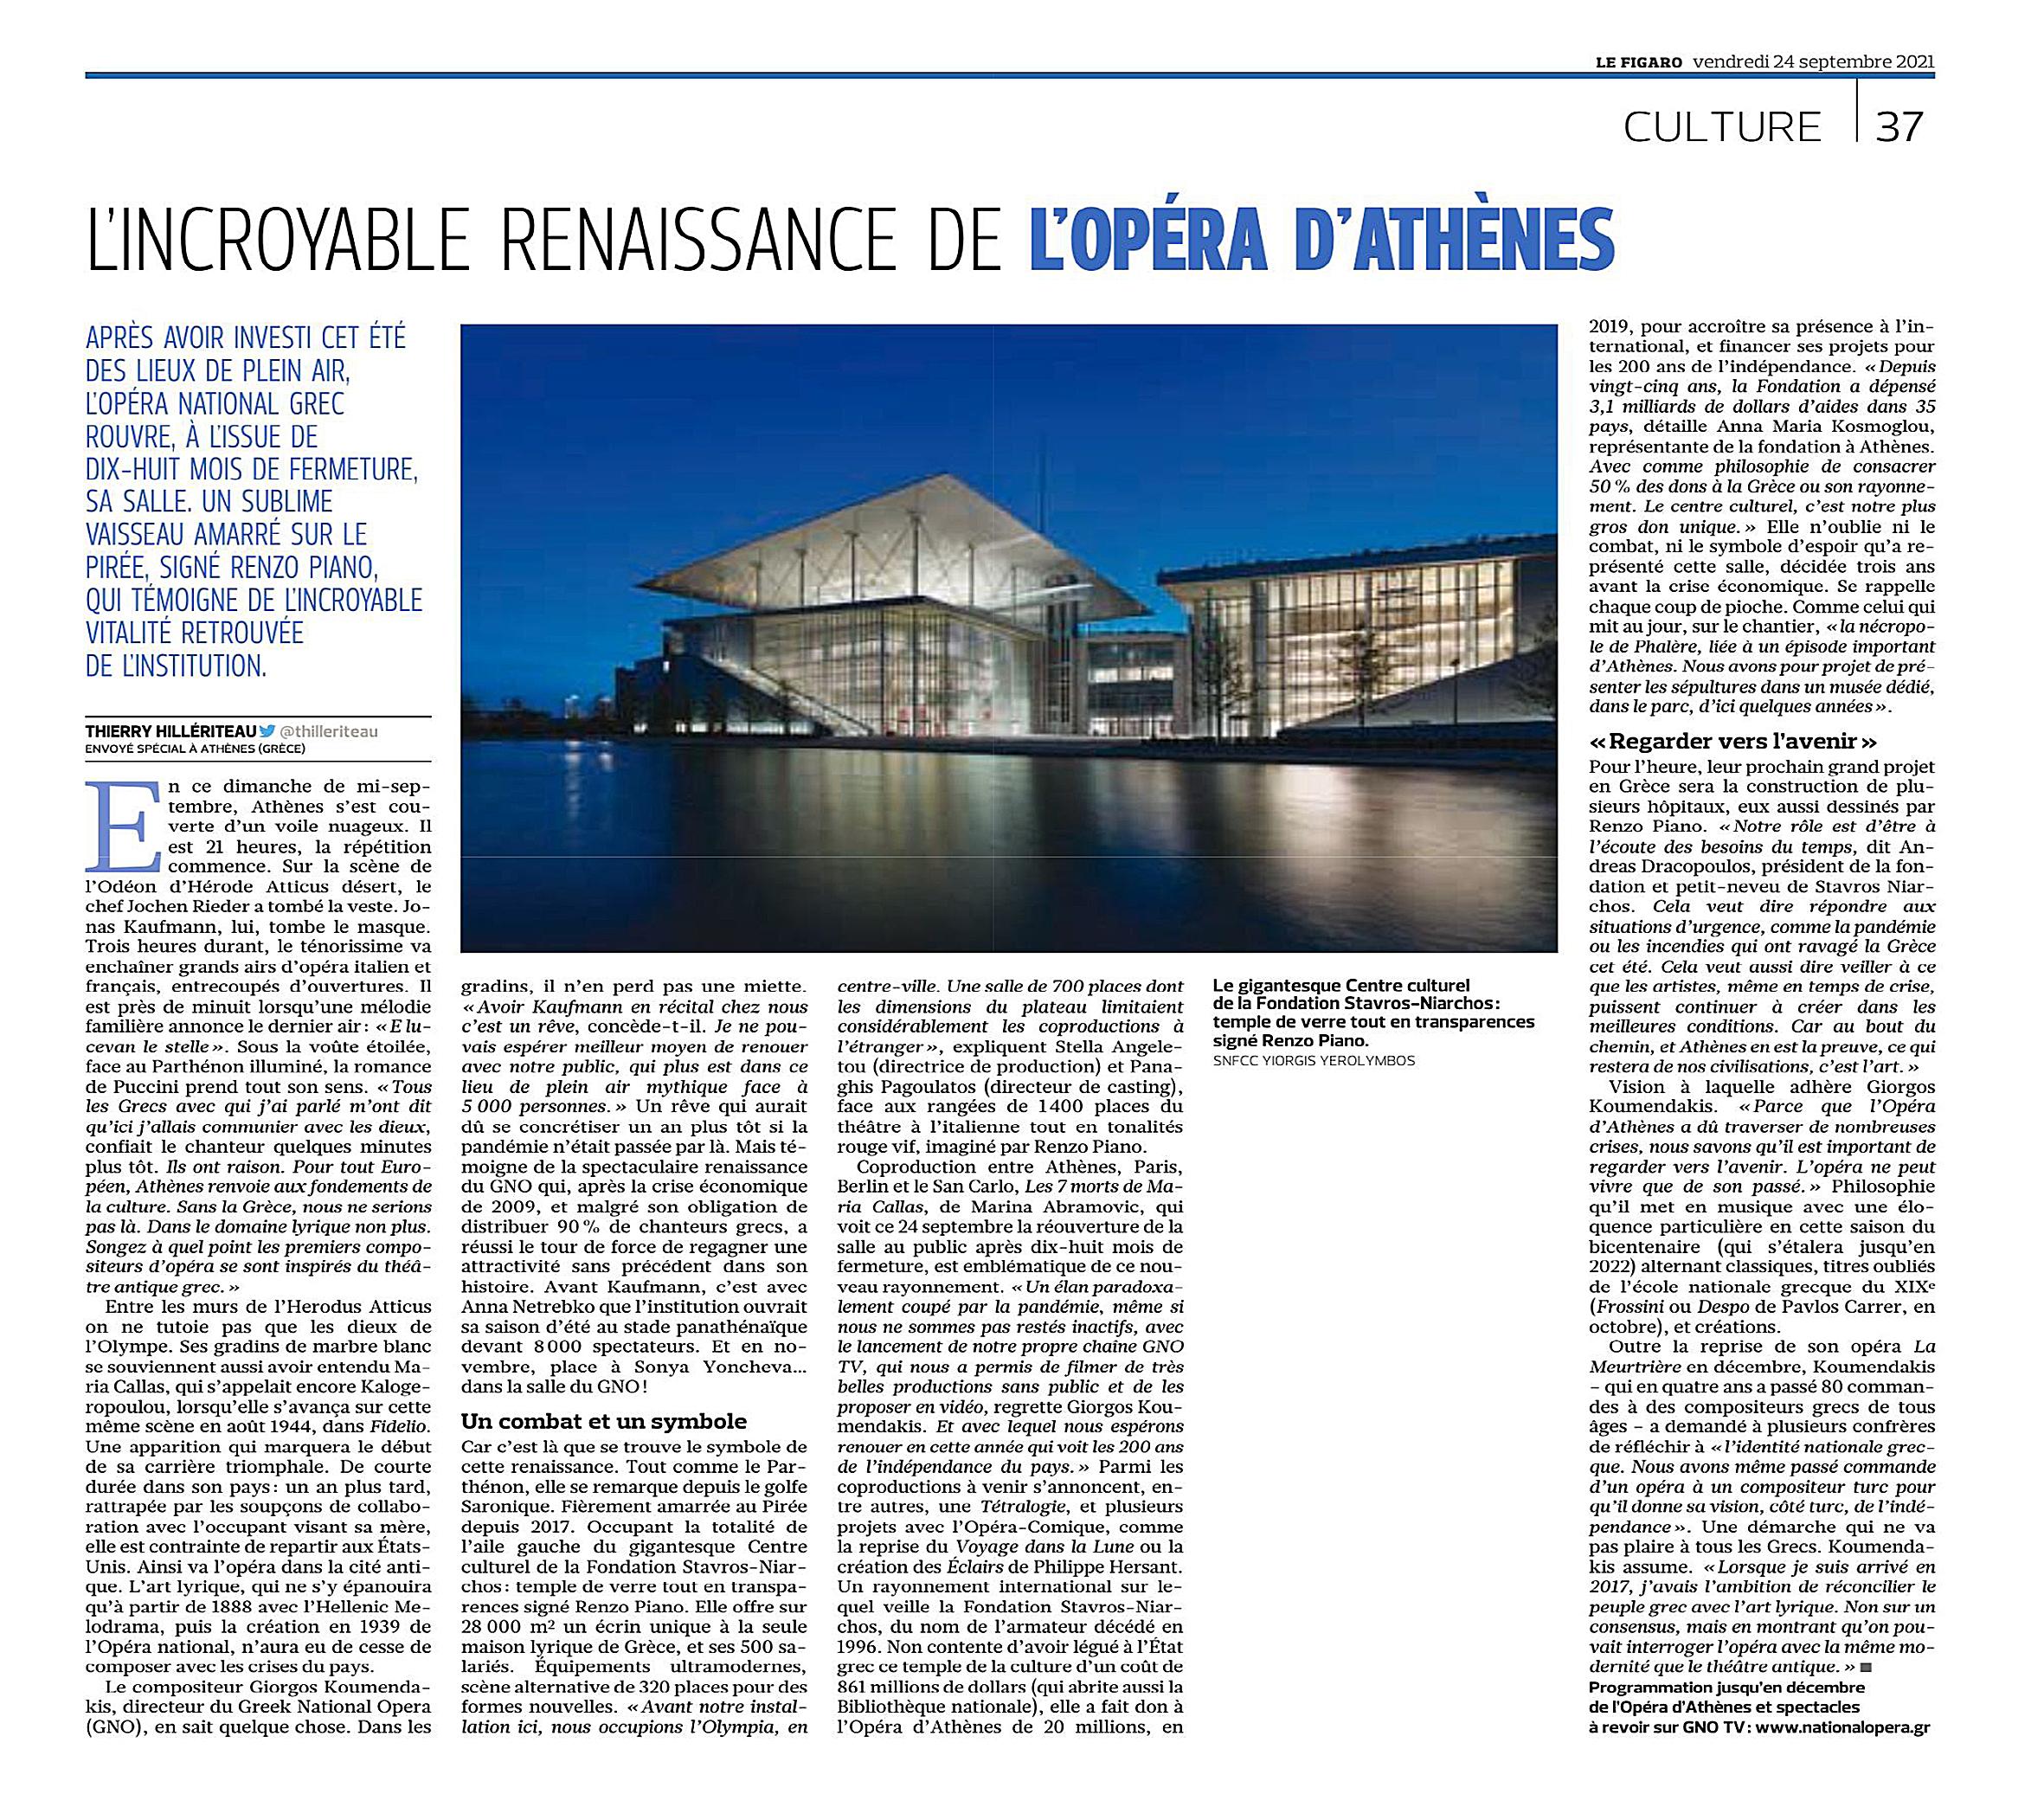 Η Εθνική Λυρική Σκηνή στο πρωτοσέλιδο της γαλλικής εφημερίδας «Le Figaro»